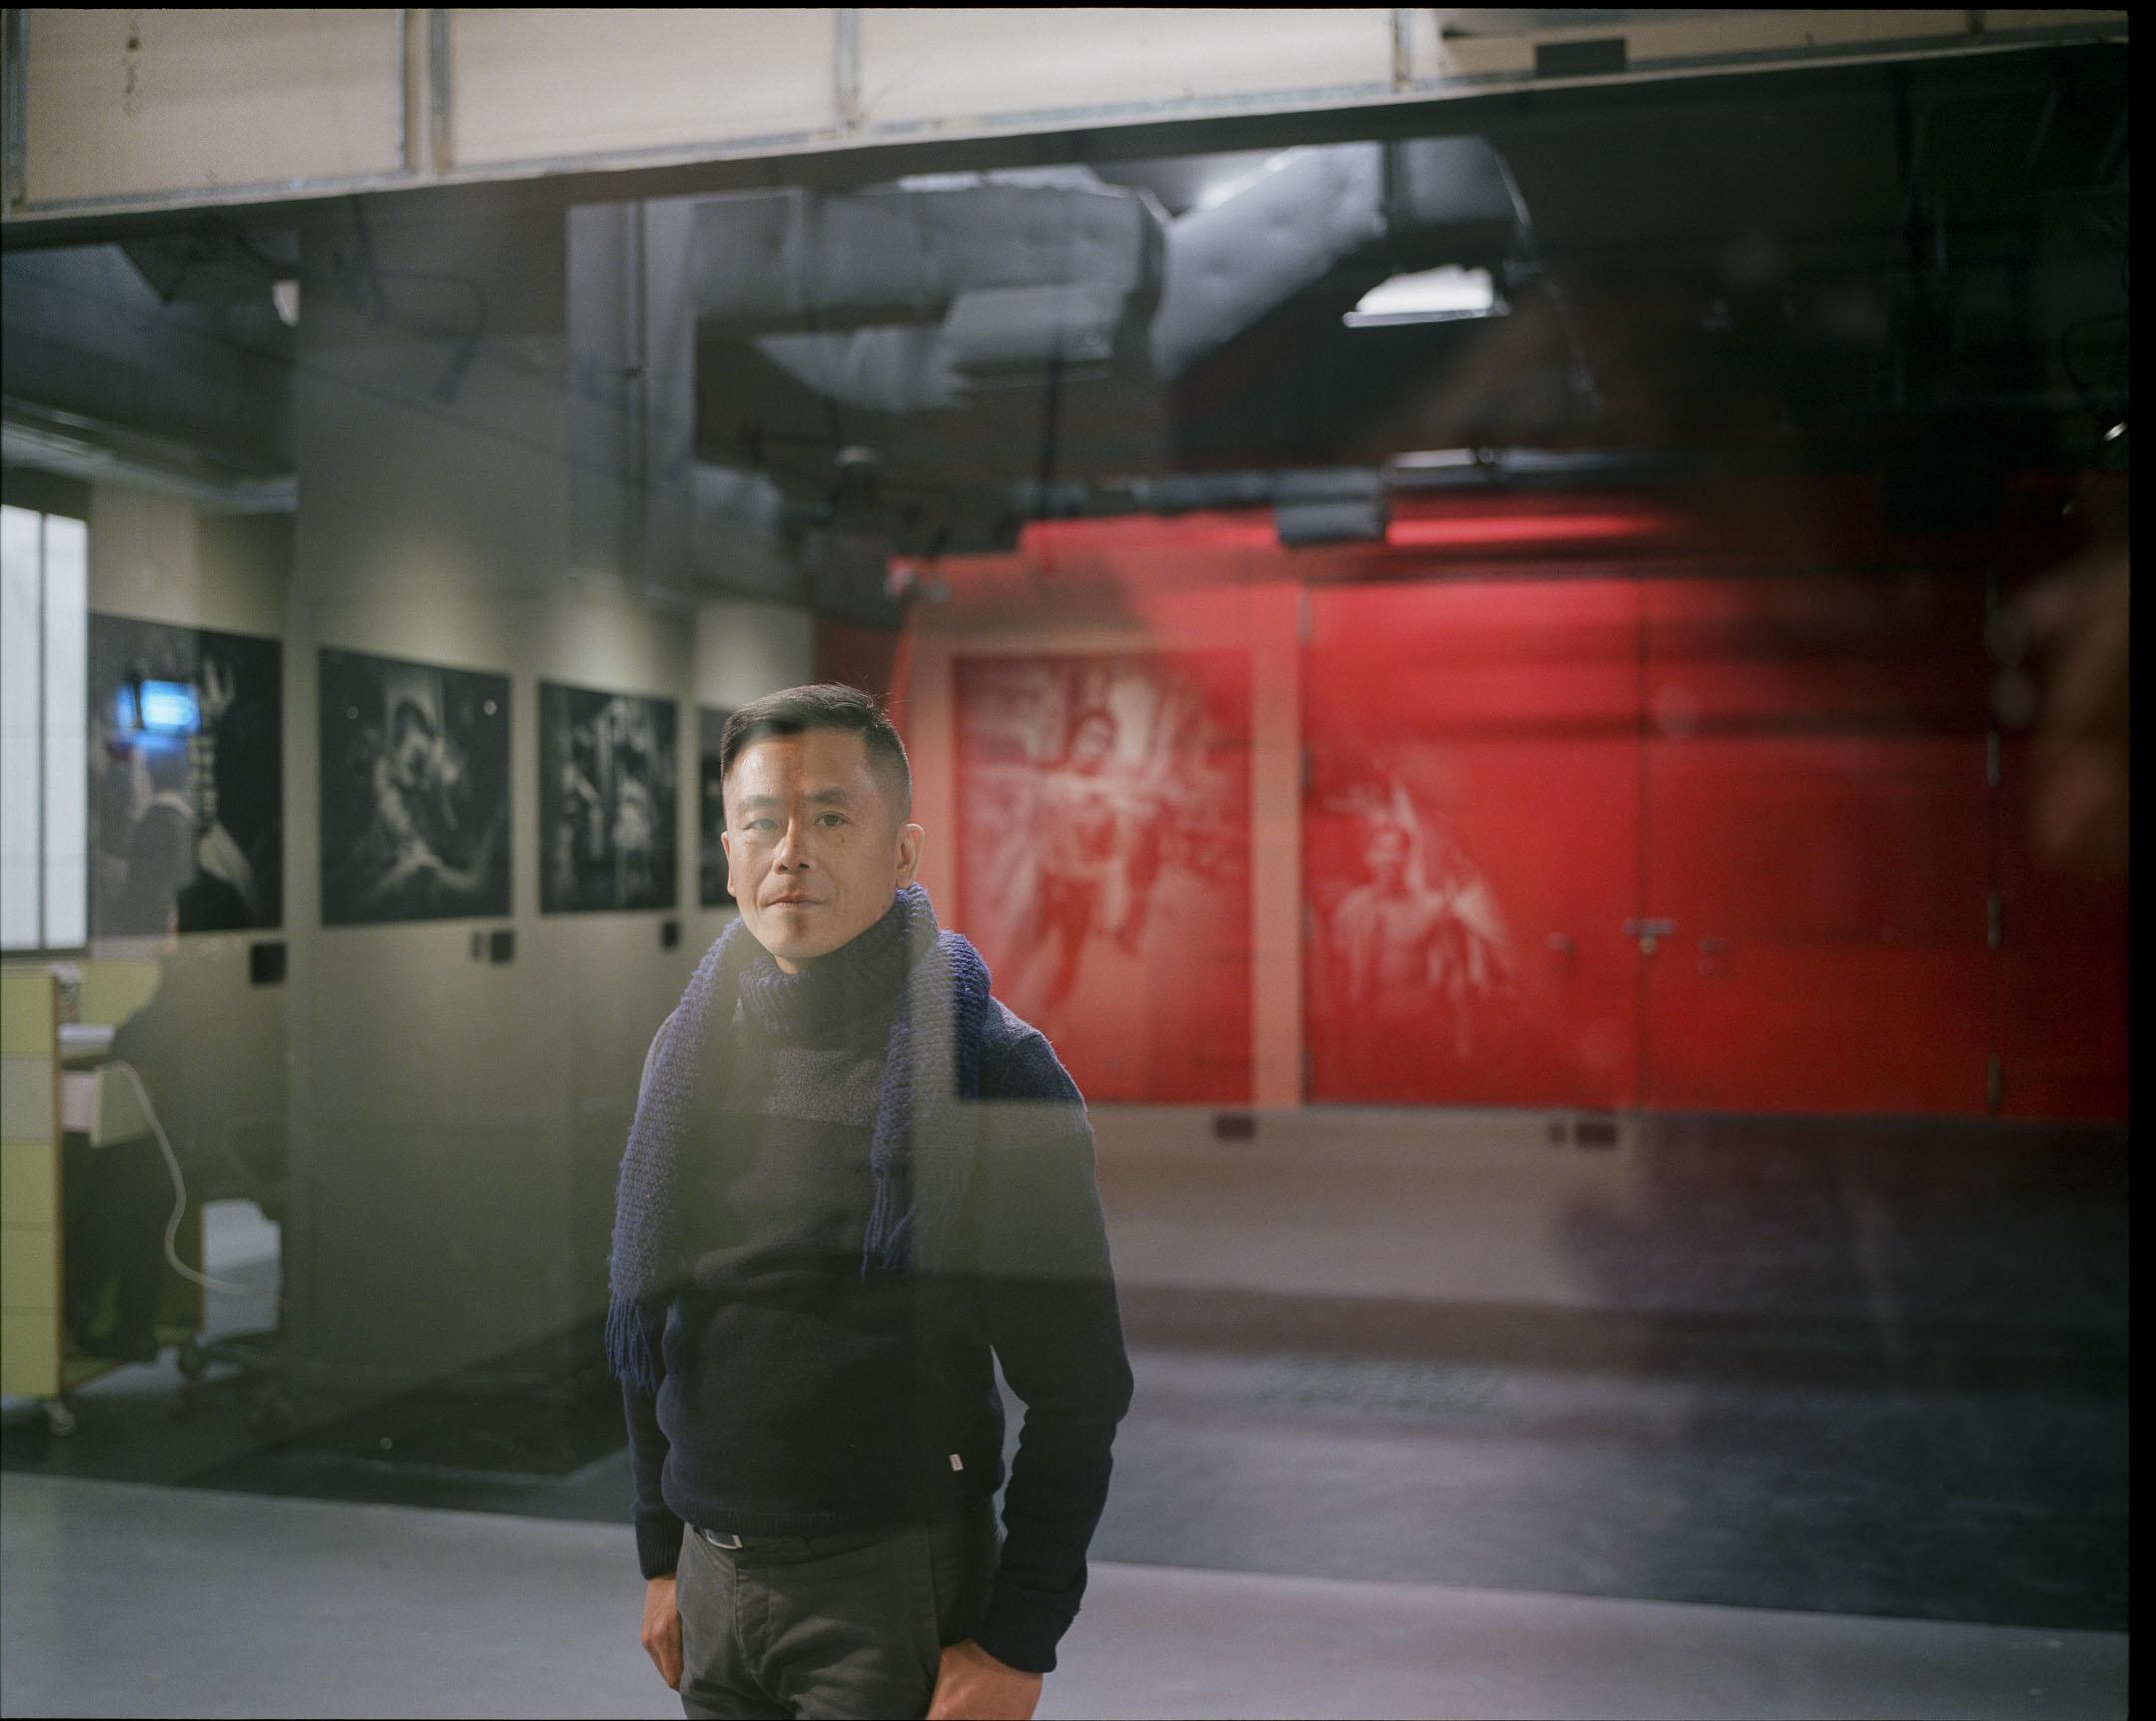 由紀實攝影到概念攝影,由影像到裝置,由直覺到策略,由批判到信仰,由雞蛋到高牆,謝至德的攝影創作和人生,與香港同樣是不斷變化中。 攝:林振東/端傳媒